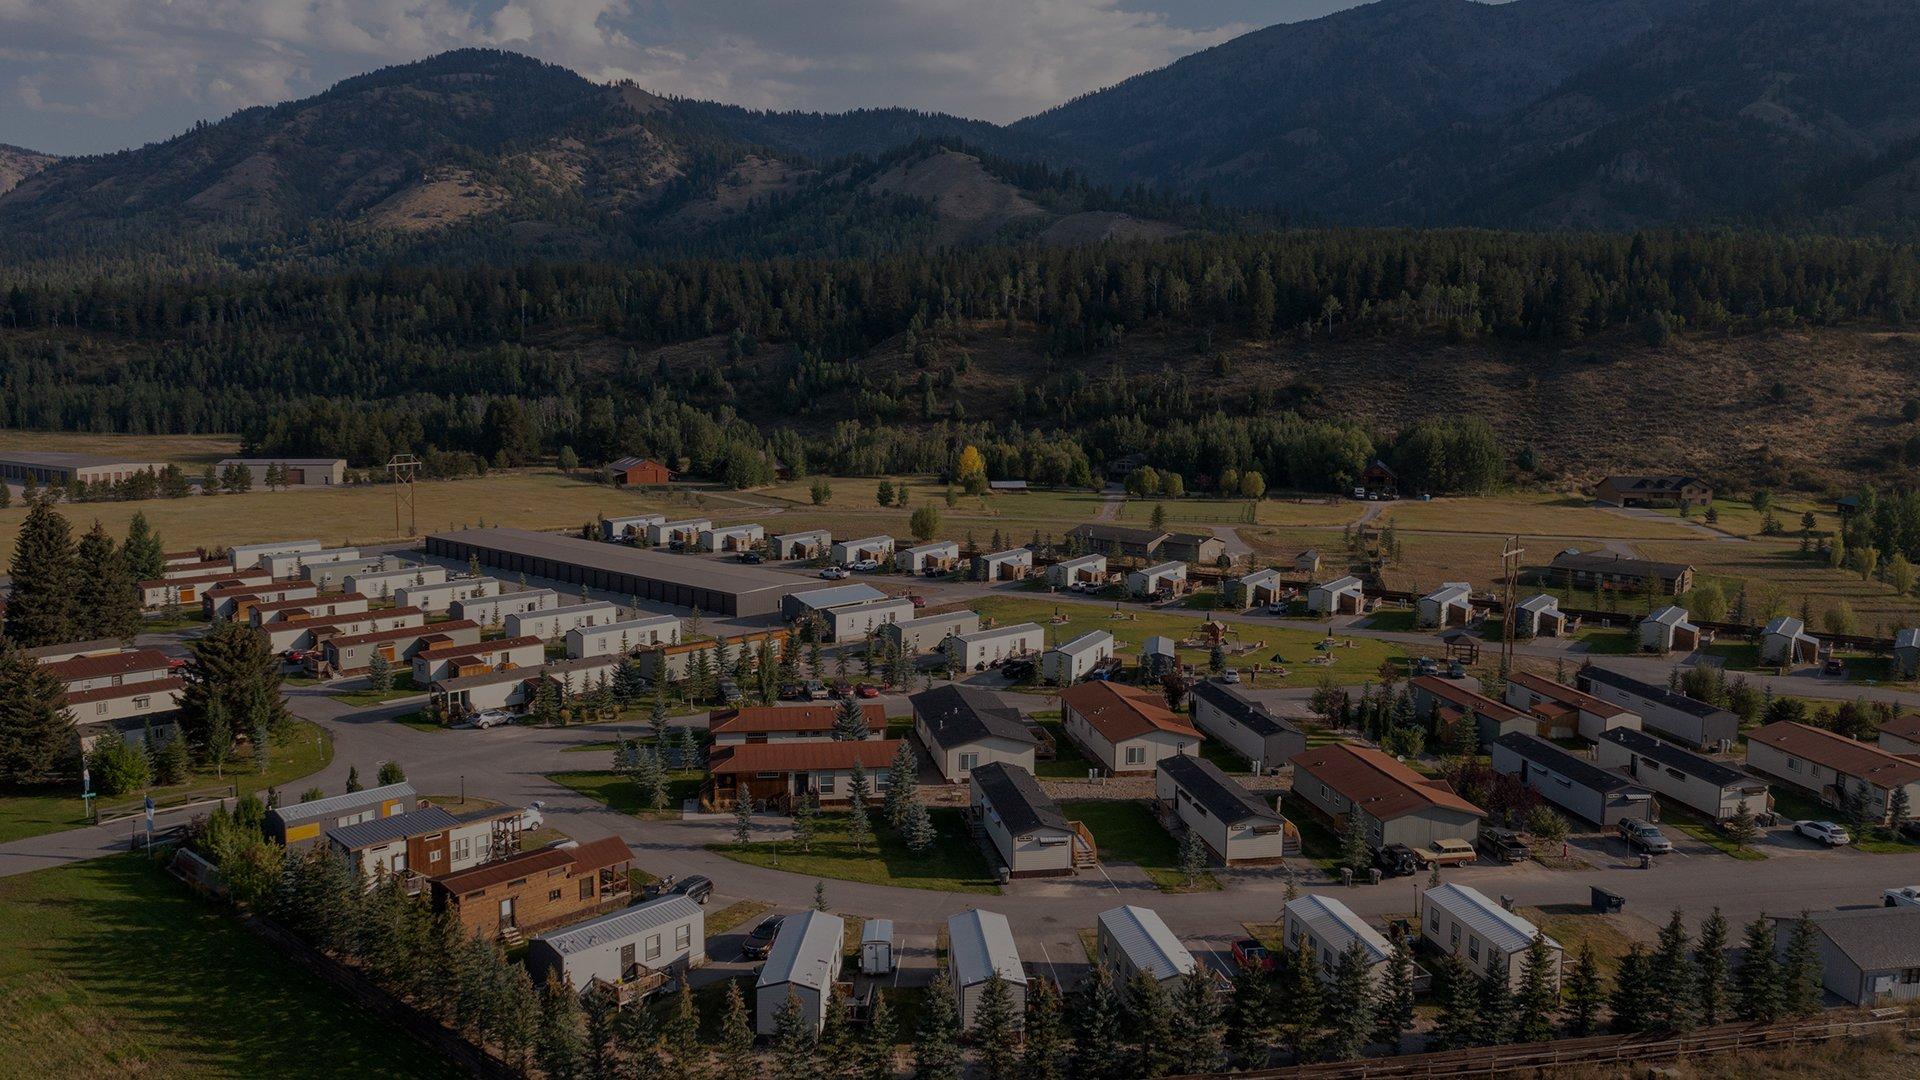 Alpine Apartments